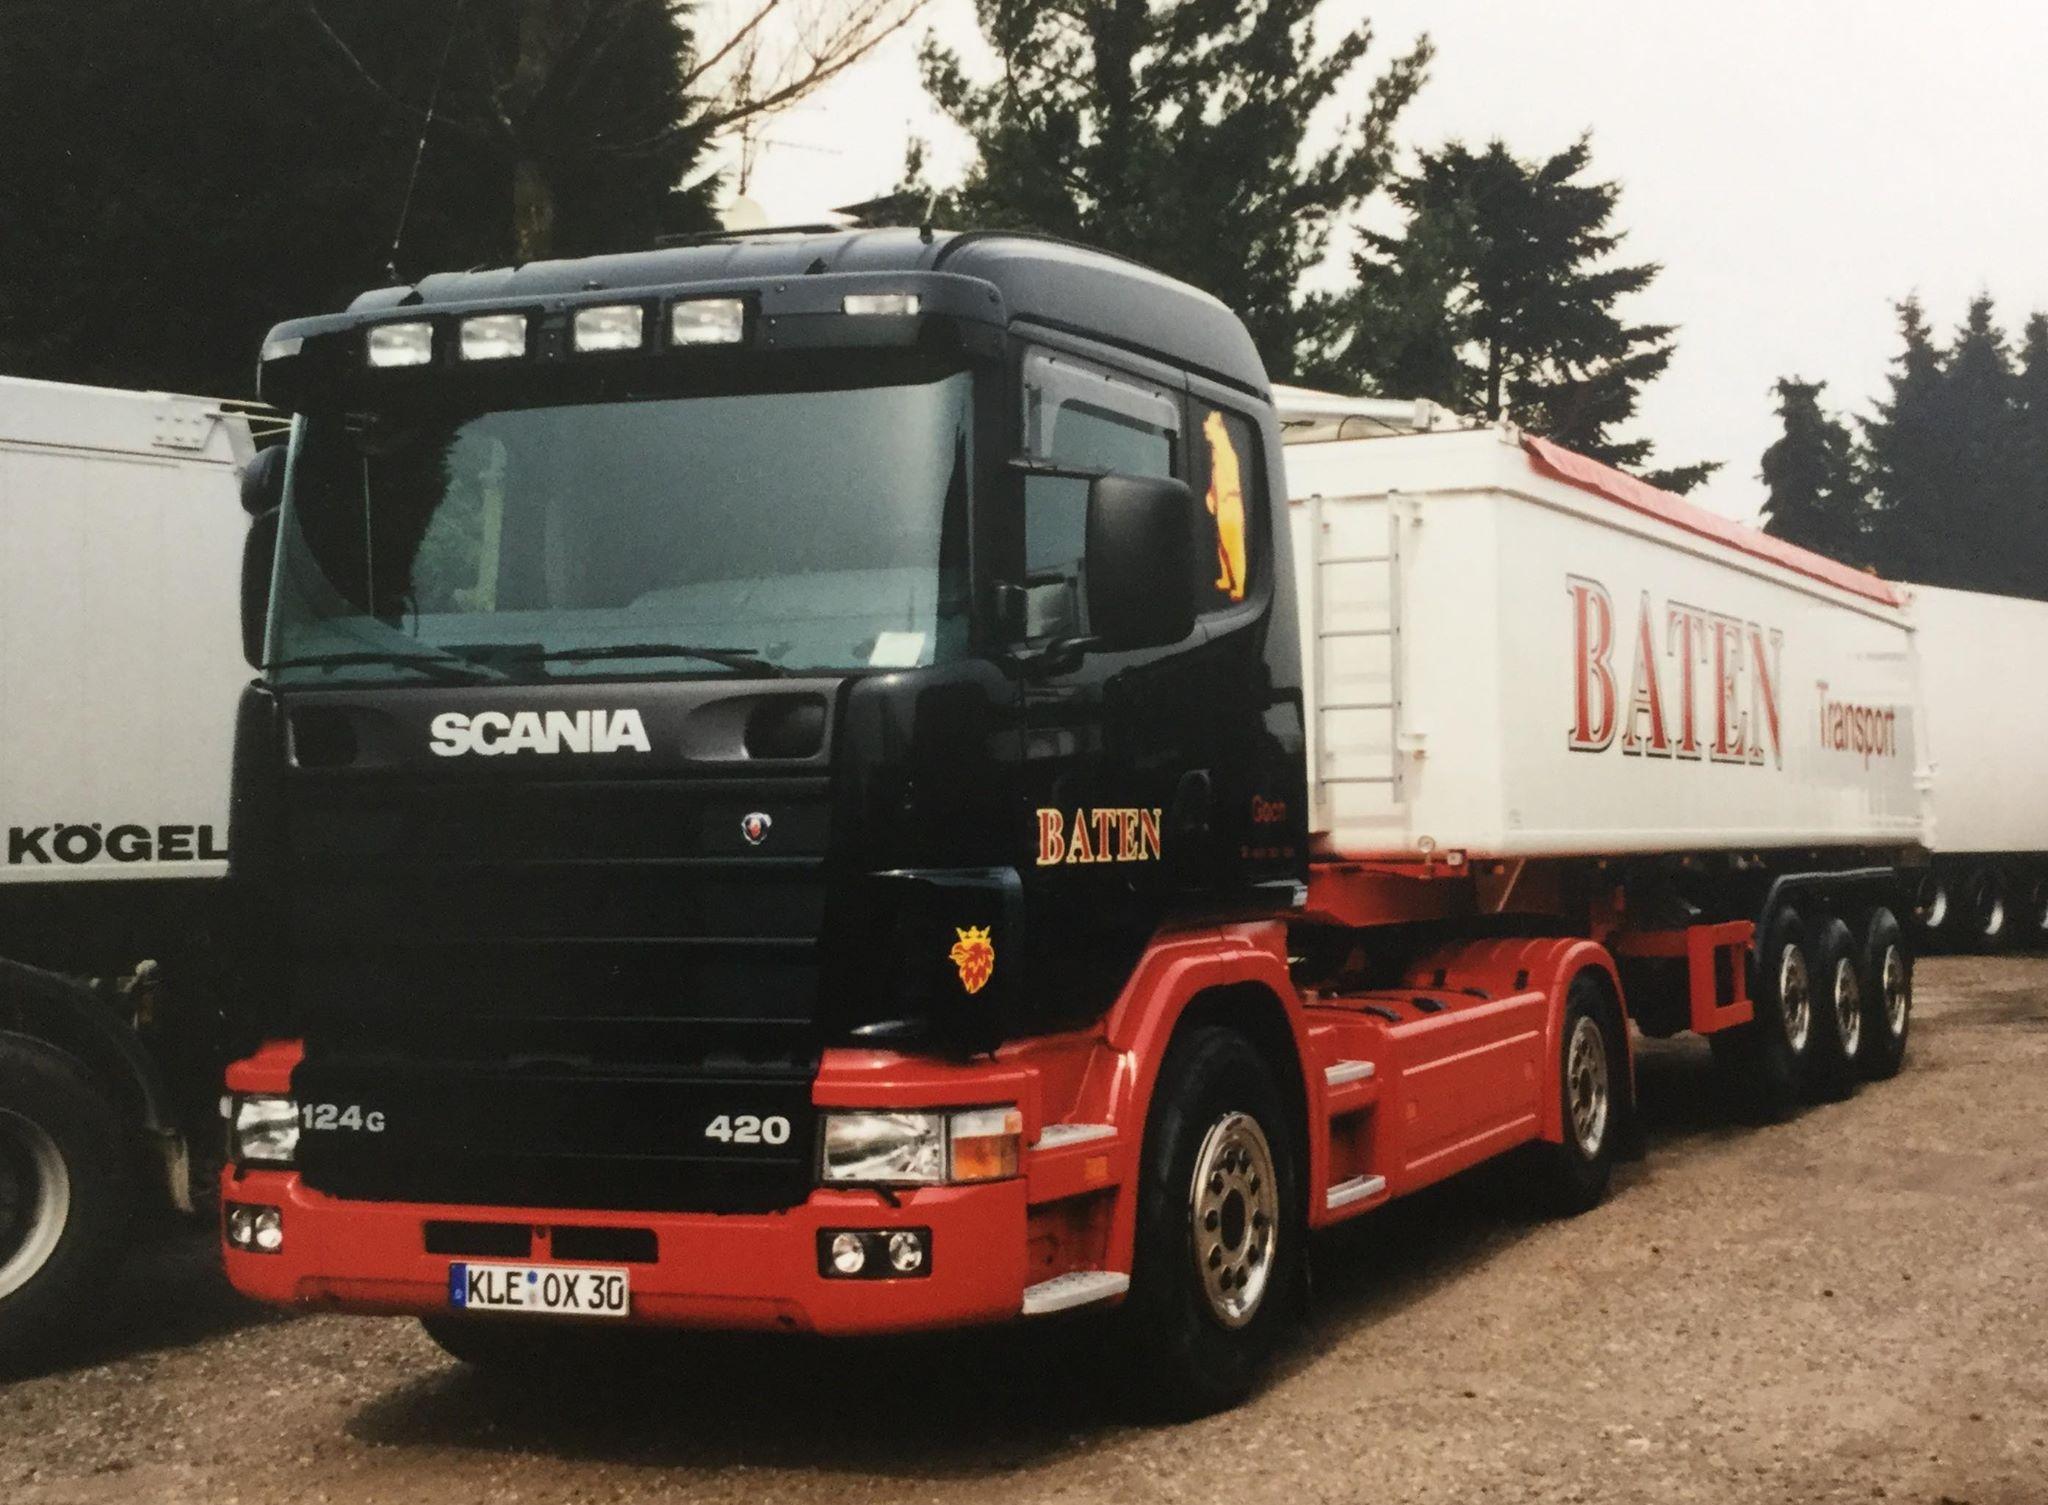 Scania-kipper-6